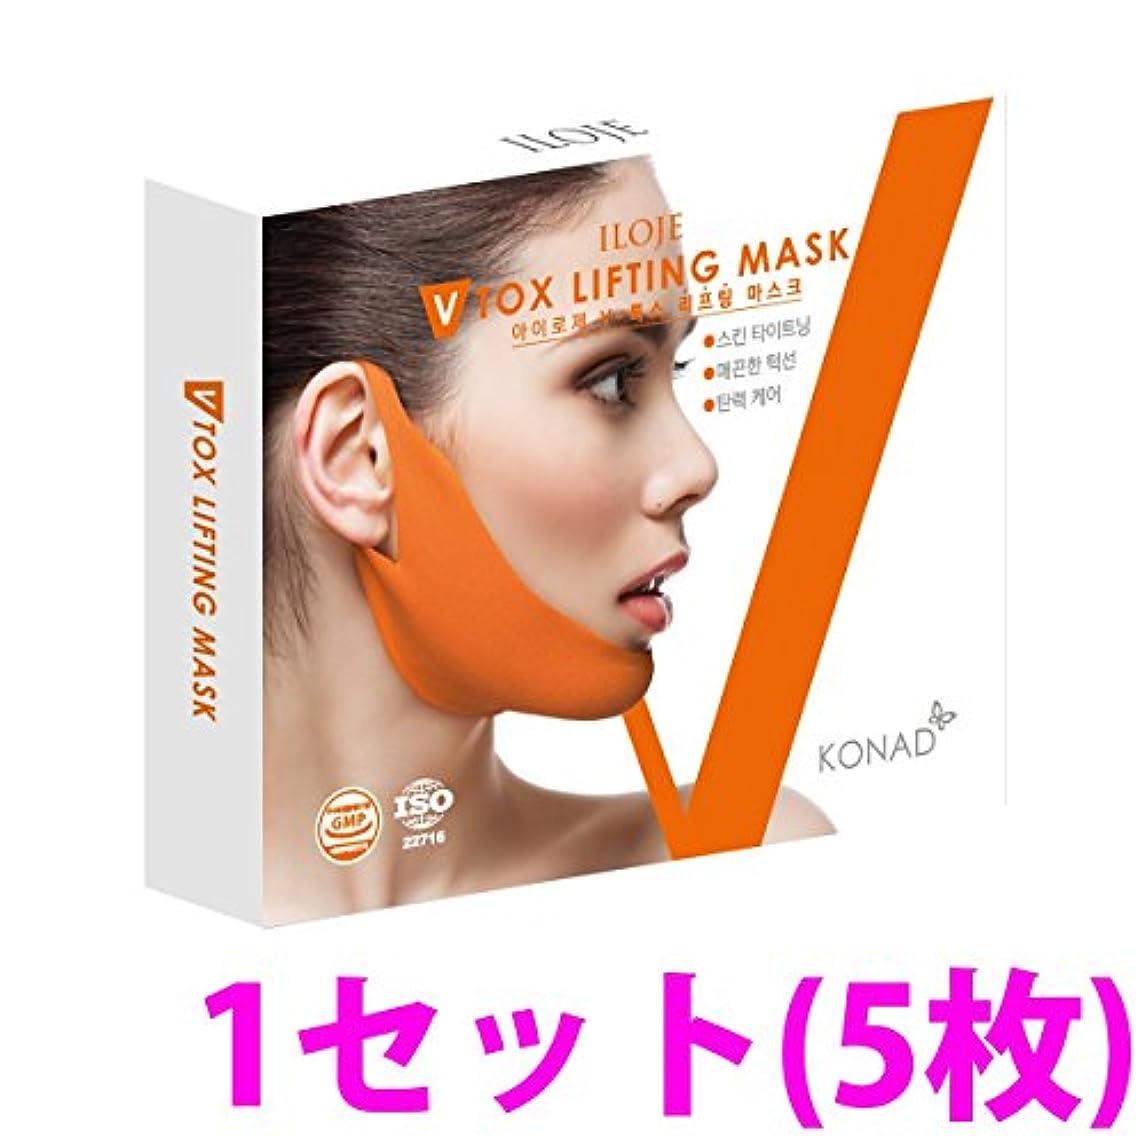 離れて比較的ジーンズ女性の年齢は顎の輪郭で決まる!V-TOXリフティングマスクパック 1セット(5枚)